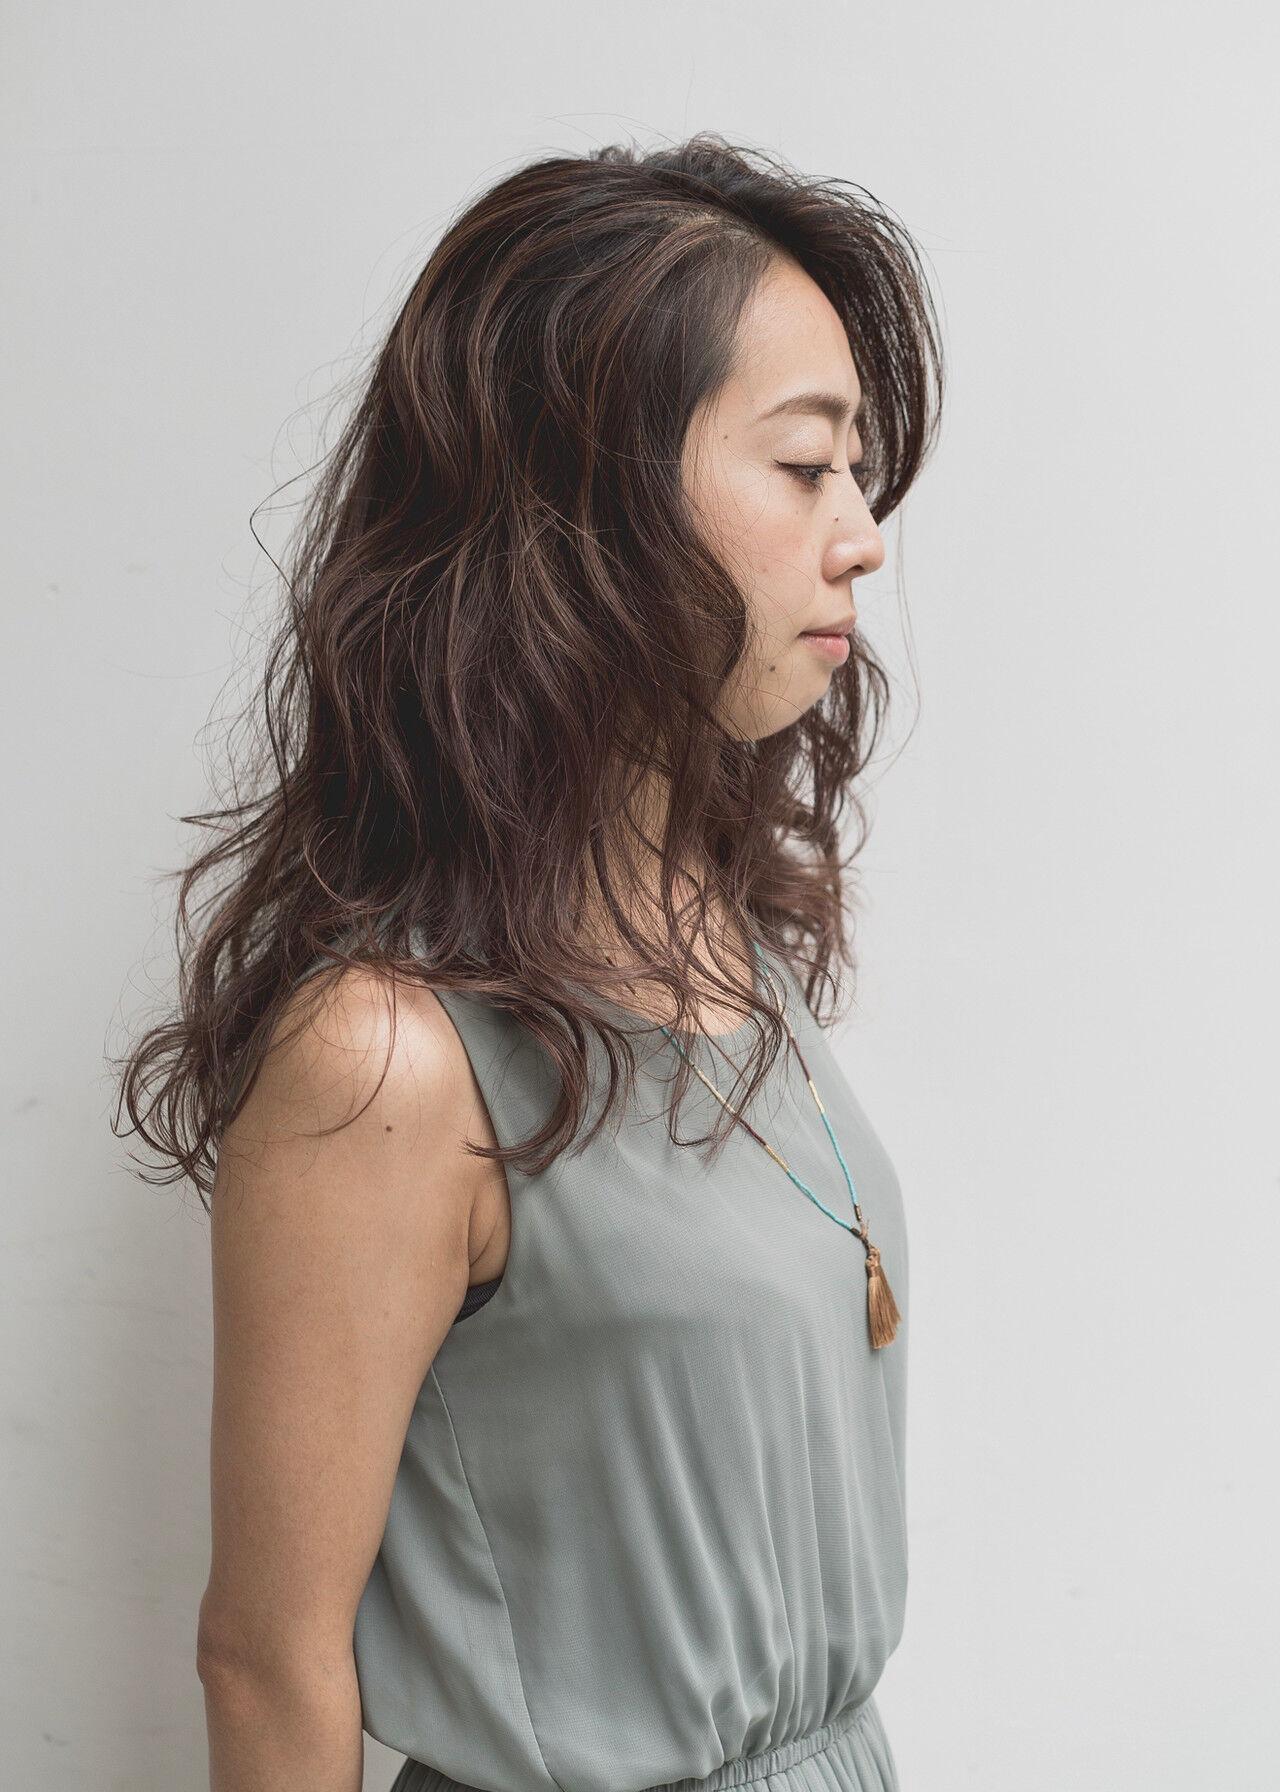 ハイライト フェミニン 3Dハイライト セミロングヘアスタイルや髪型の写真・画像